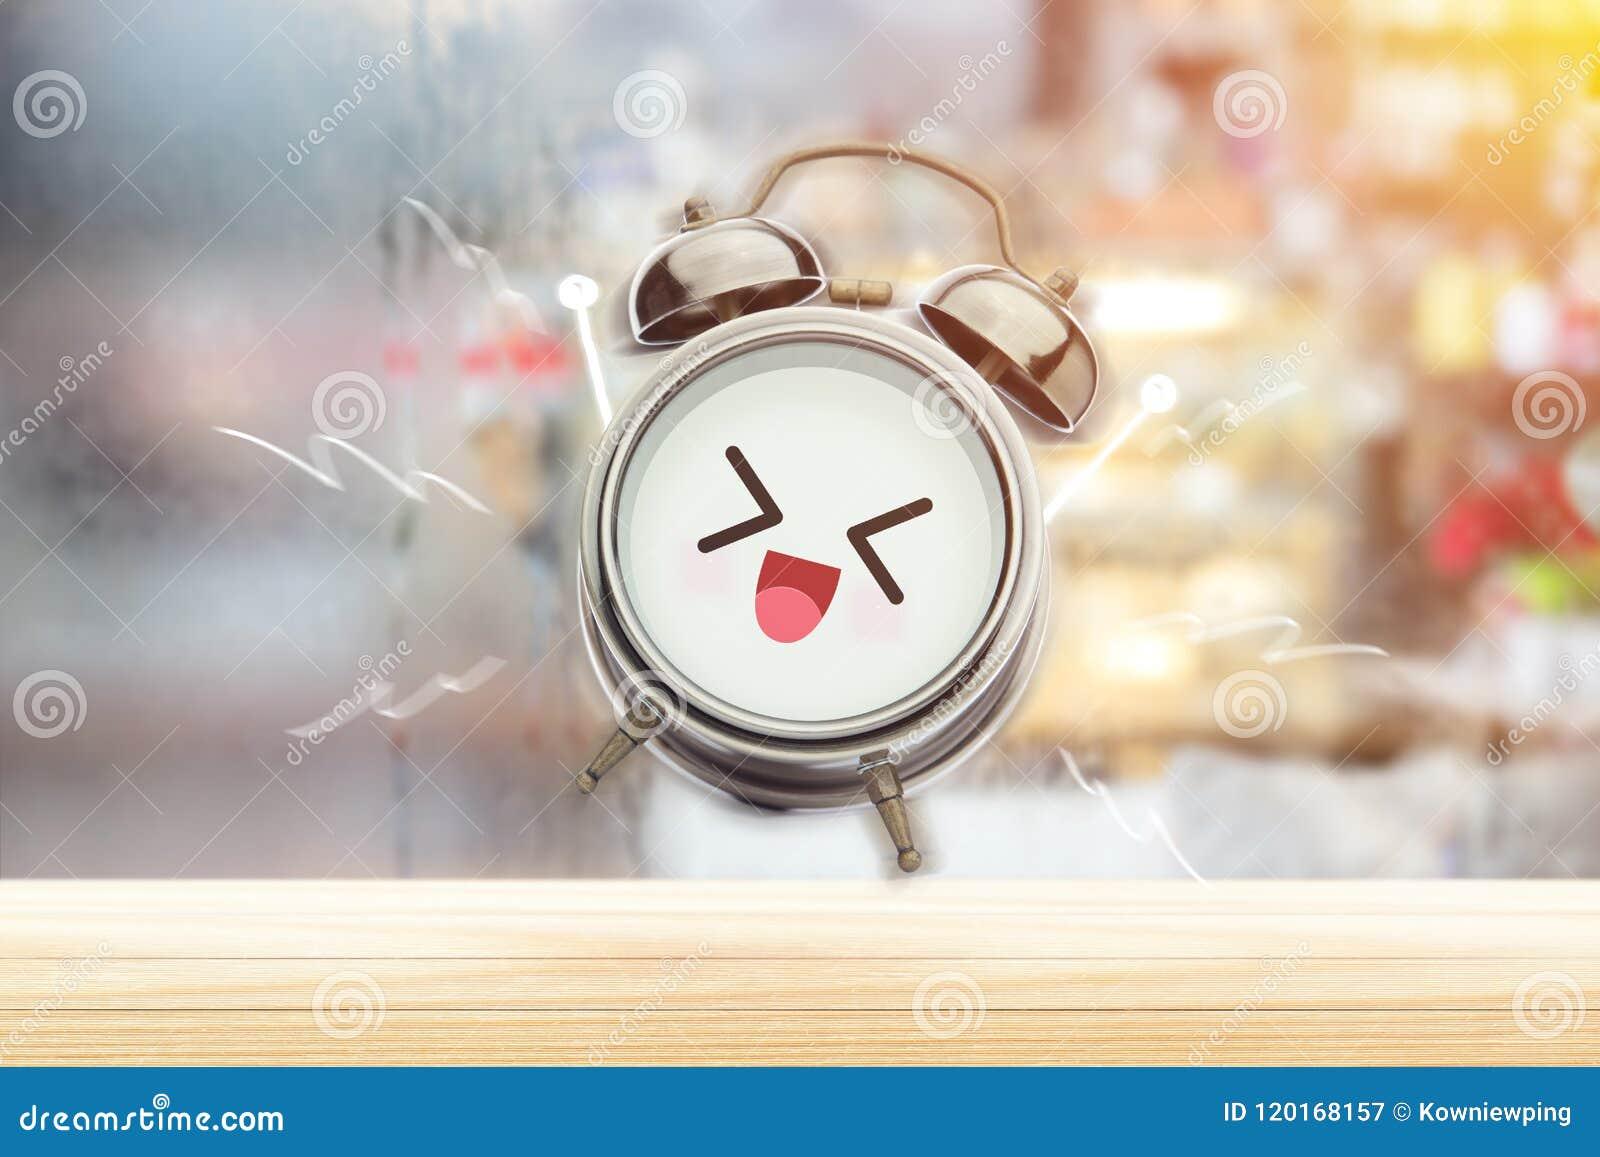 Der Wecker Ist Morgens Am Schlafzimmer Glücklich Stockbild - Bild ...